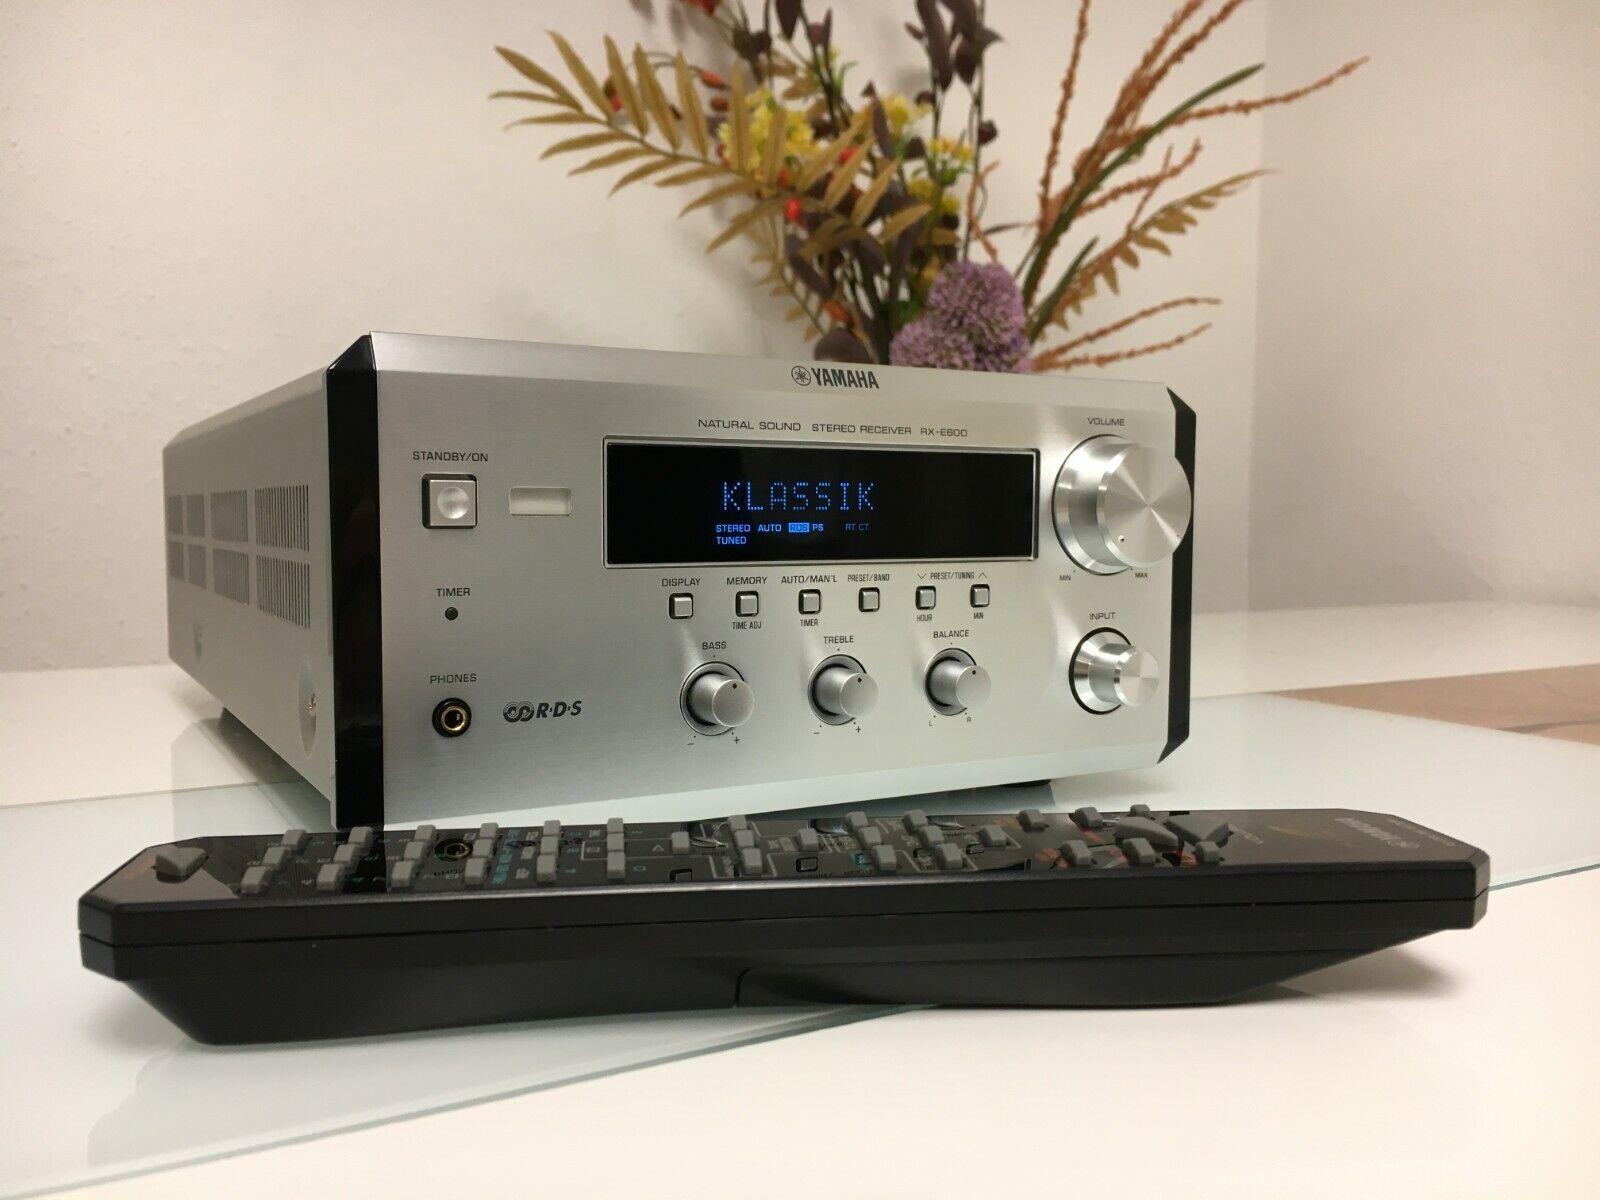 Yamaha RX-E600 PianoCraft Stereo Receiver mit Fernbedienung - TOP Zustand!